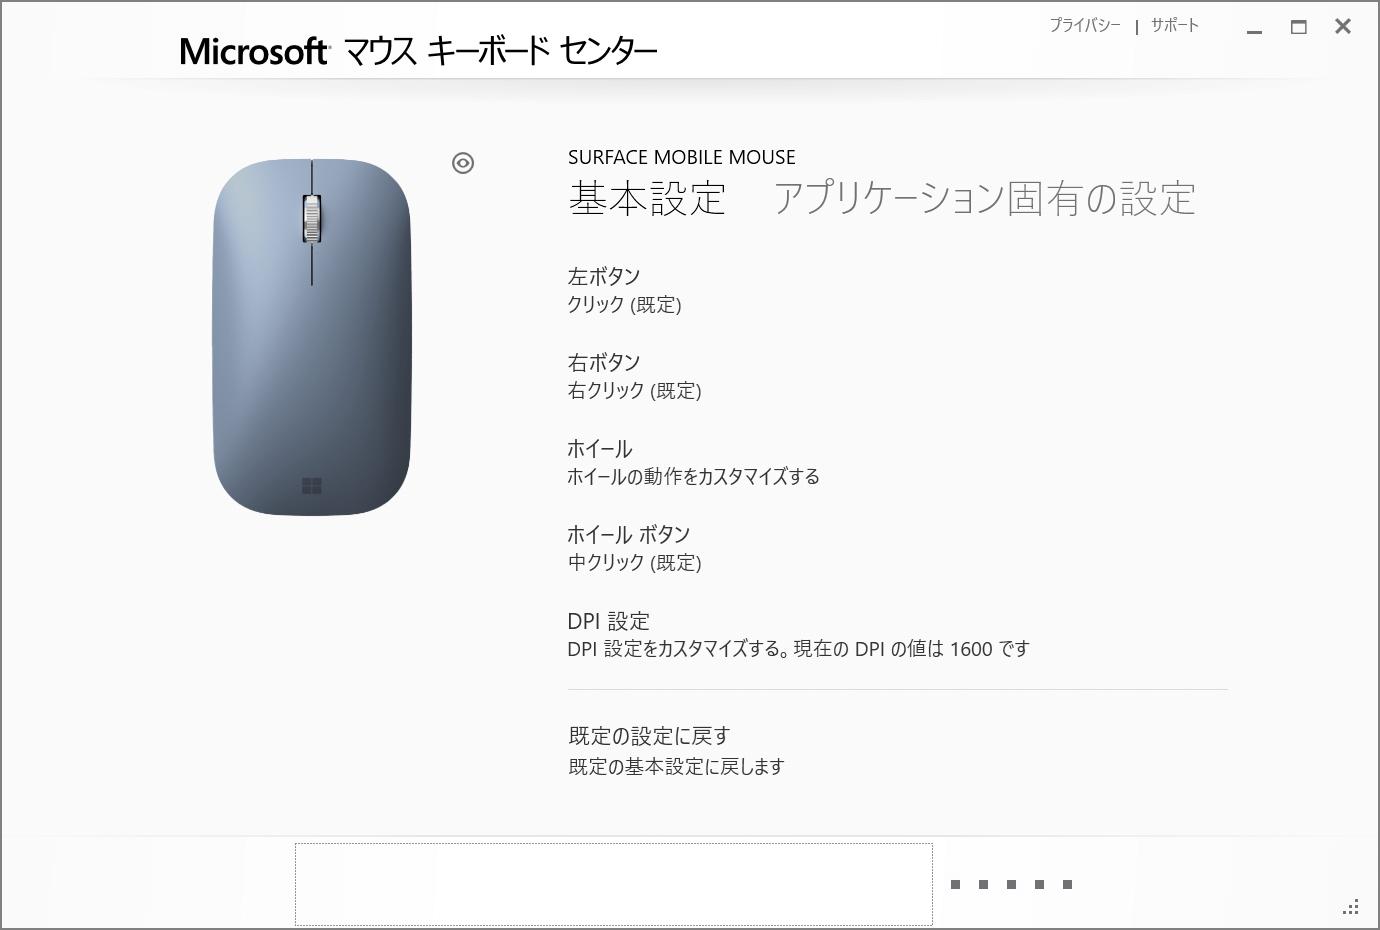 Microsoft マウスキーボードセンター ホーム画面